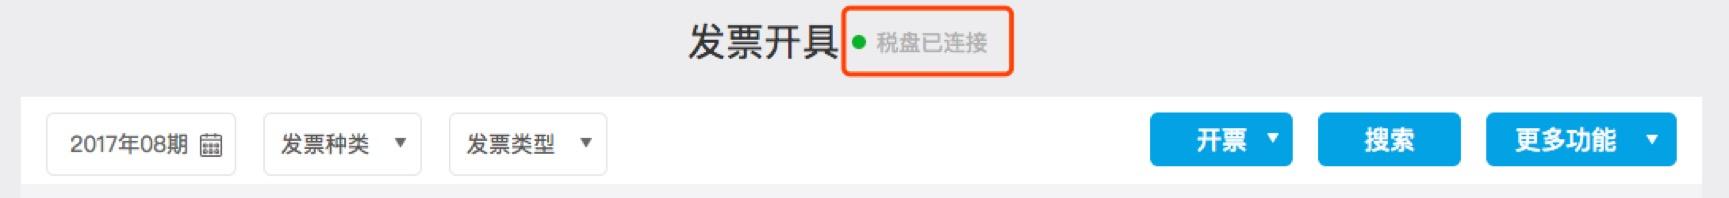 http://ydbill.oss-cn-beijing.aliyuncs.com/public/1.png